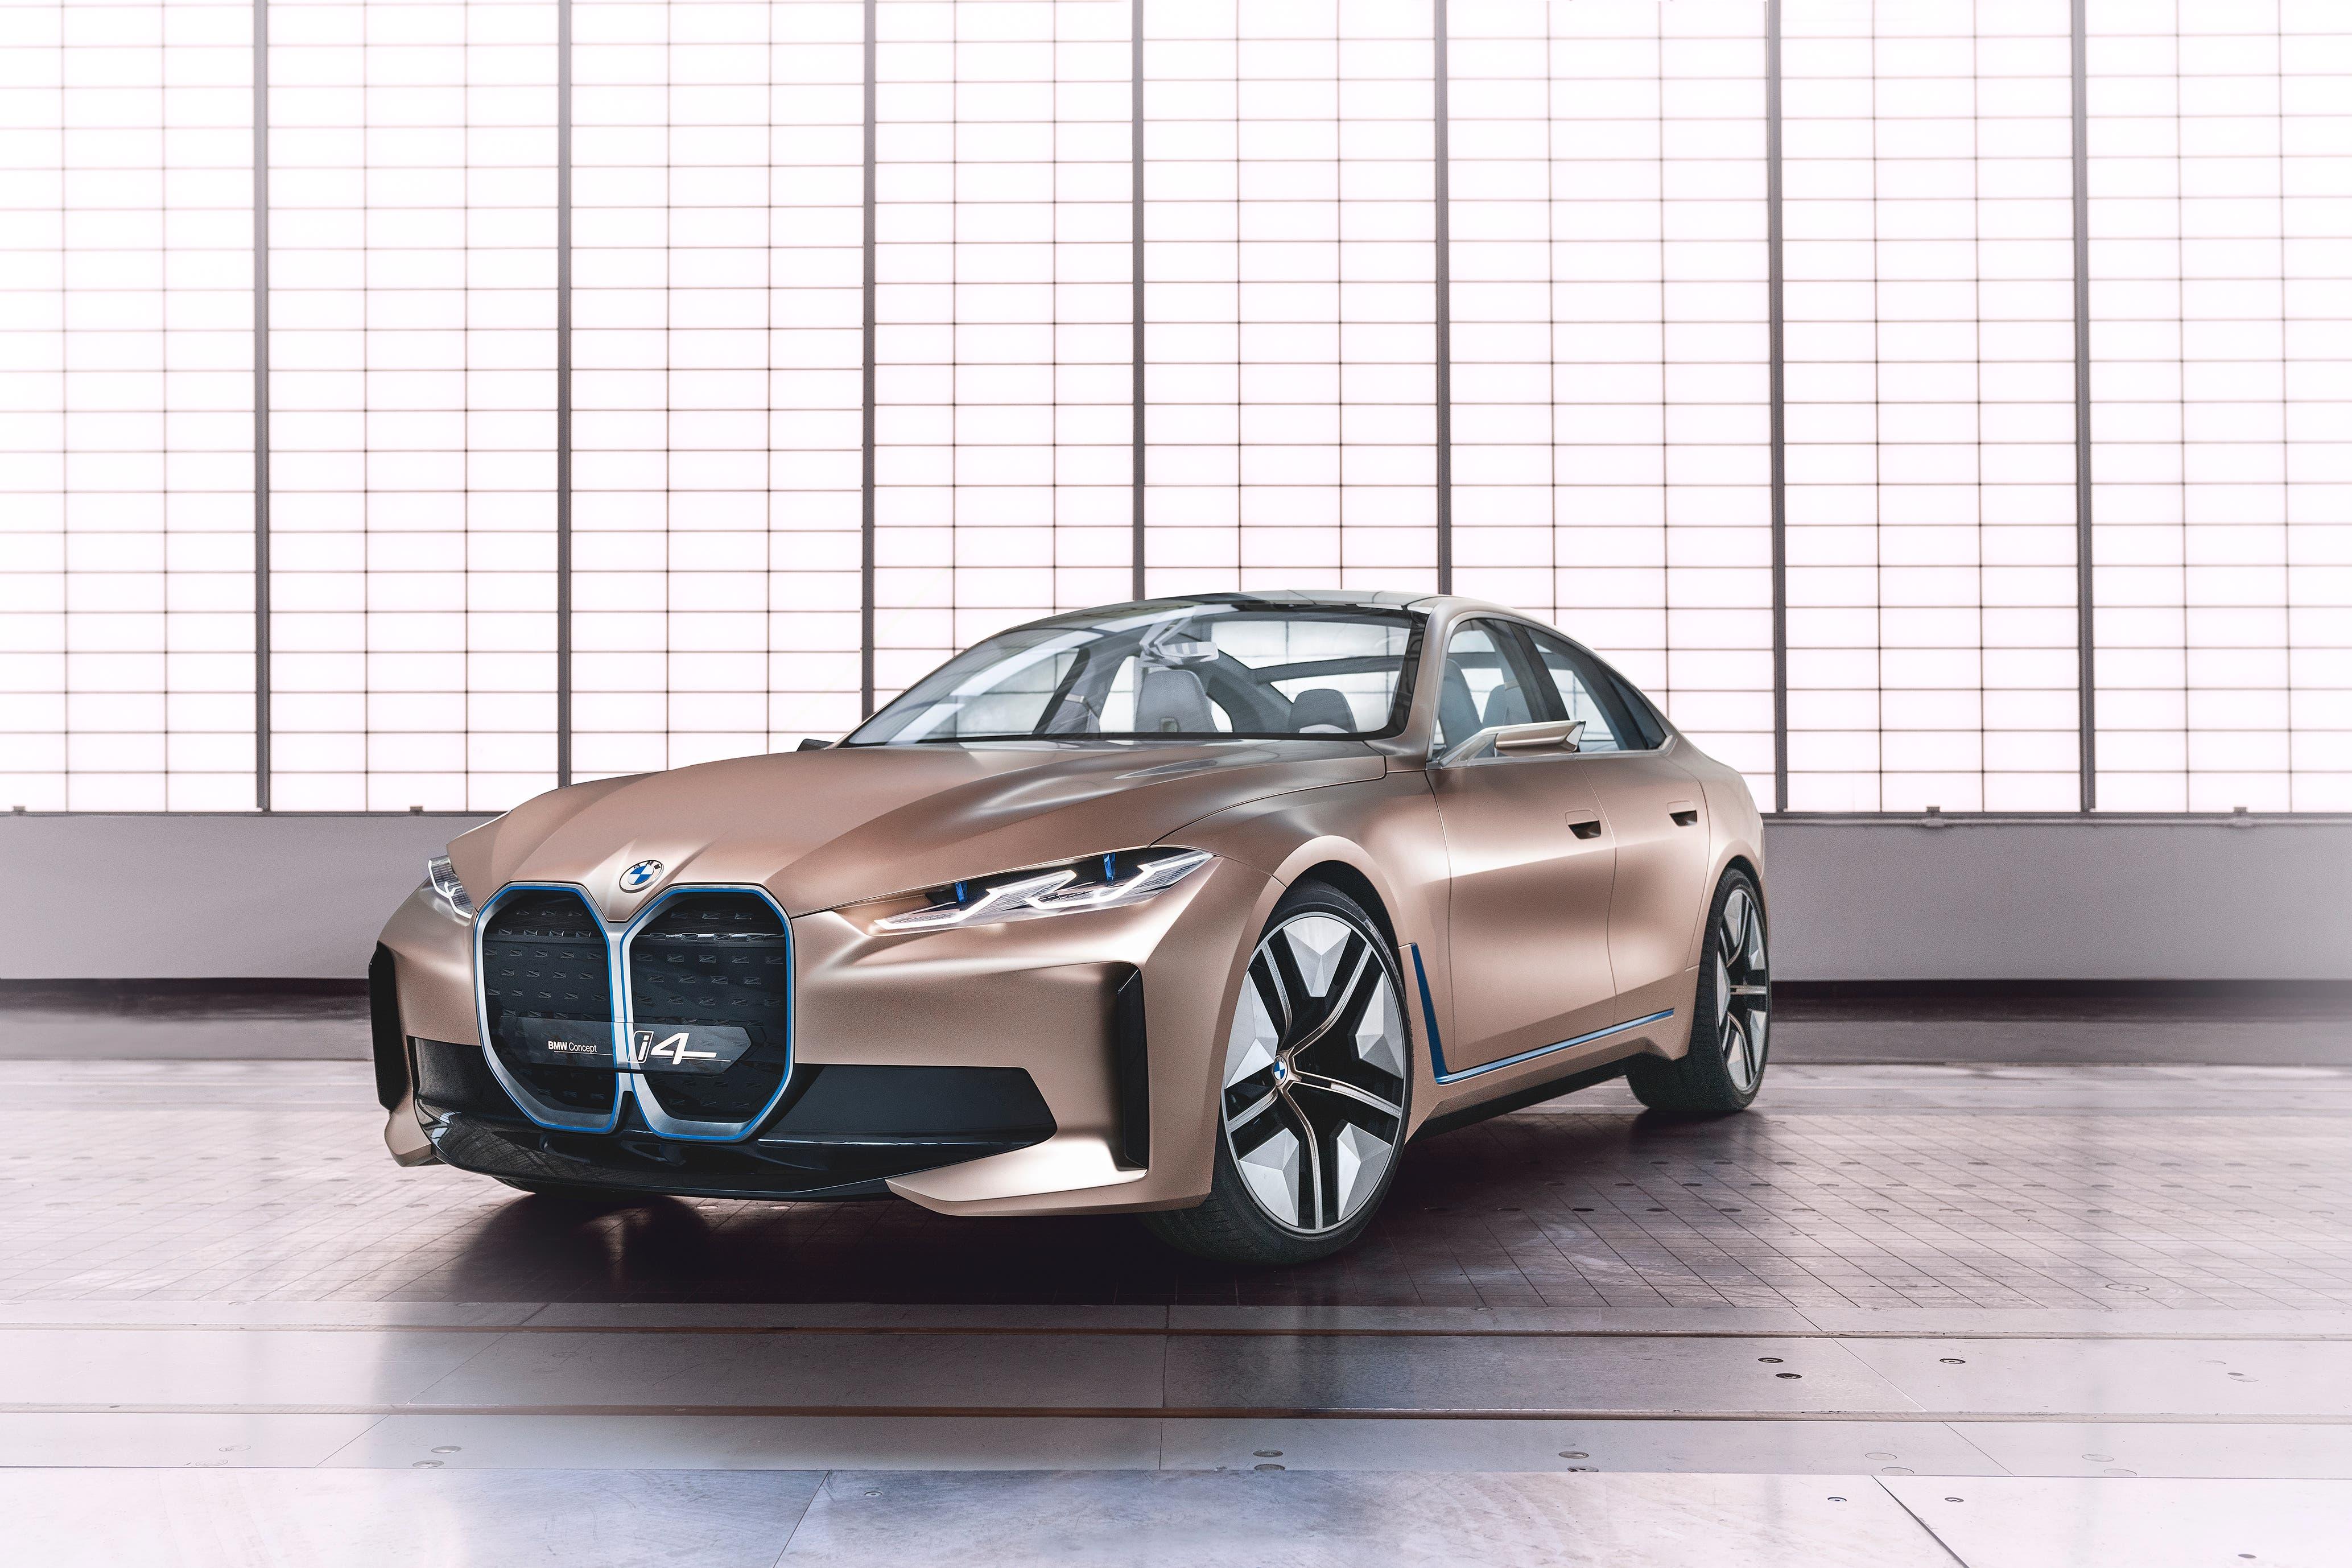 Mit dem Concept i4 gibt BMW erstmals einen Ausblick auf ein rein elektrisches Auto im Mittelklassesegment. Bis zu 600 Kilometer Reichweite (WLTP), bis zu 530 PS, in circa vier Sekunden von null auf hundert und eine Höchstgeschwindigkeit von über 200 Stundenkilometer zeichnen das Concept i4 aus. 2021 wird mit der Produktion des Serienmodells begonnen.